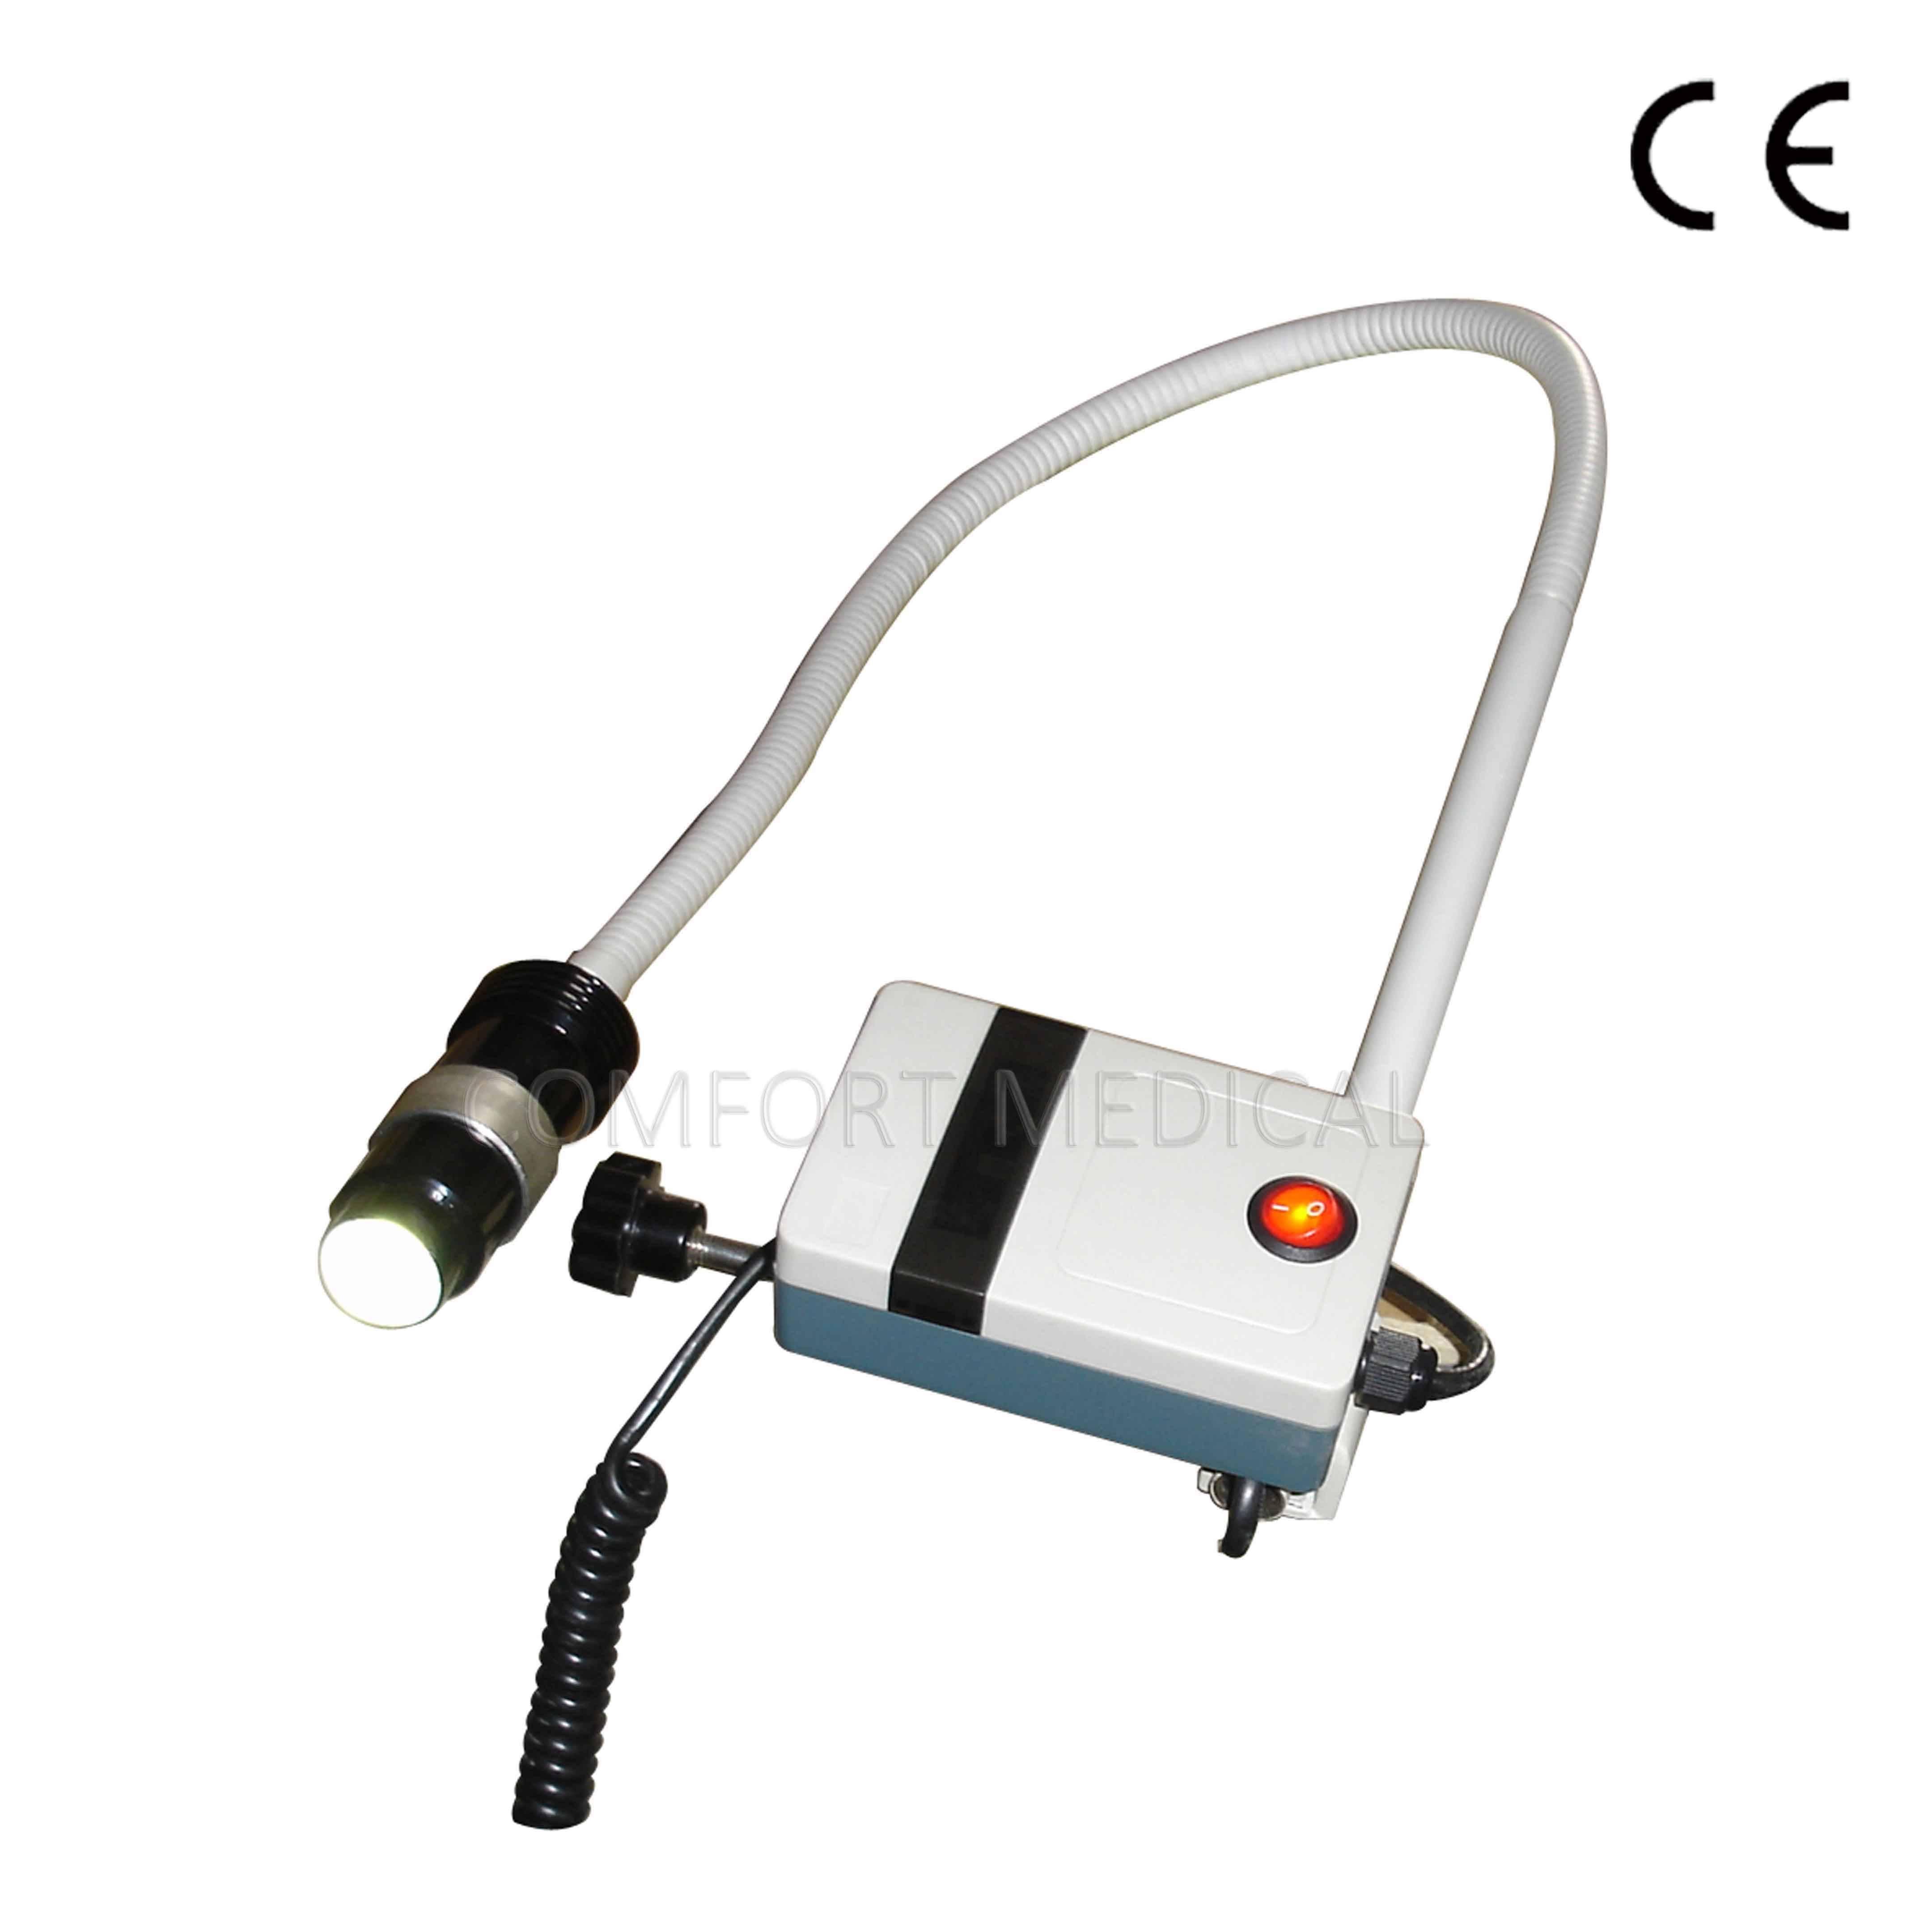 CF-LED01 medical led examination light